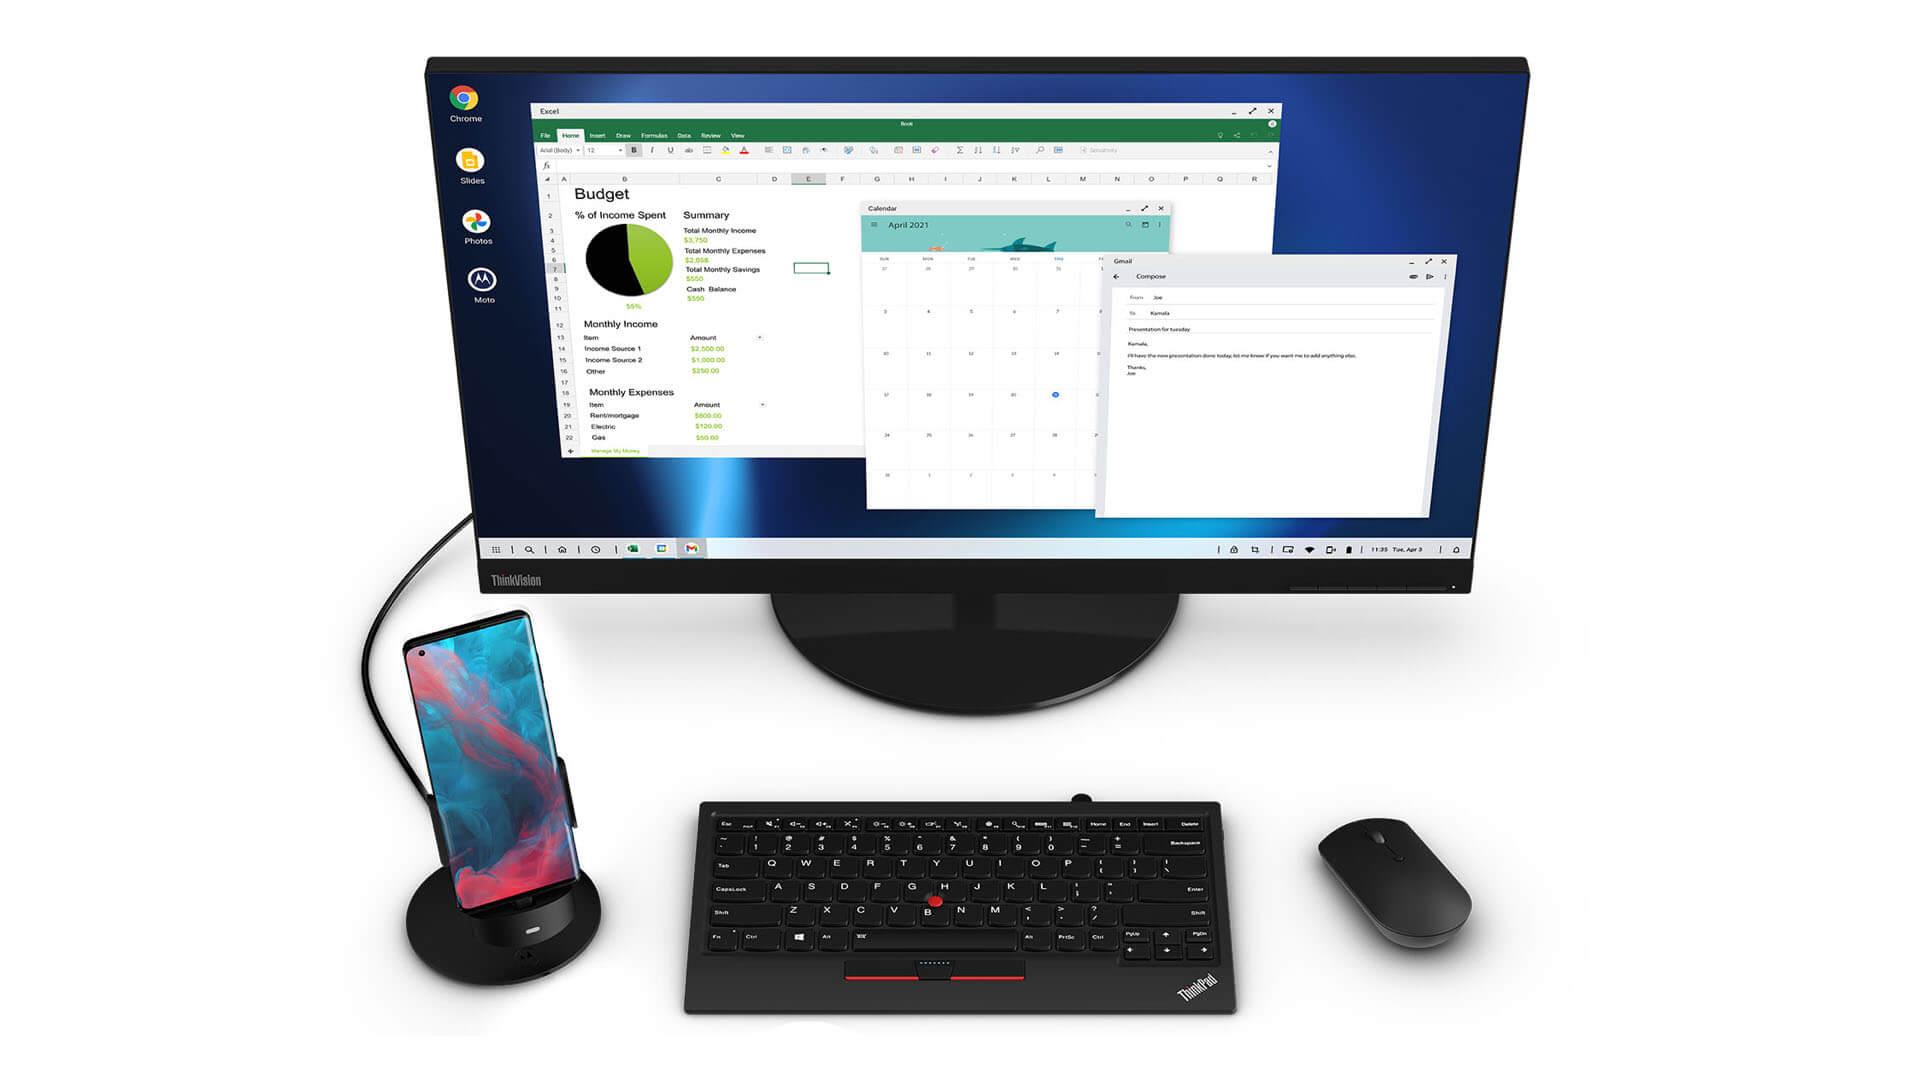 Motorola Ready For превращает смартфон Edge Plus в настольный ПК